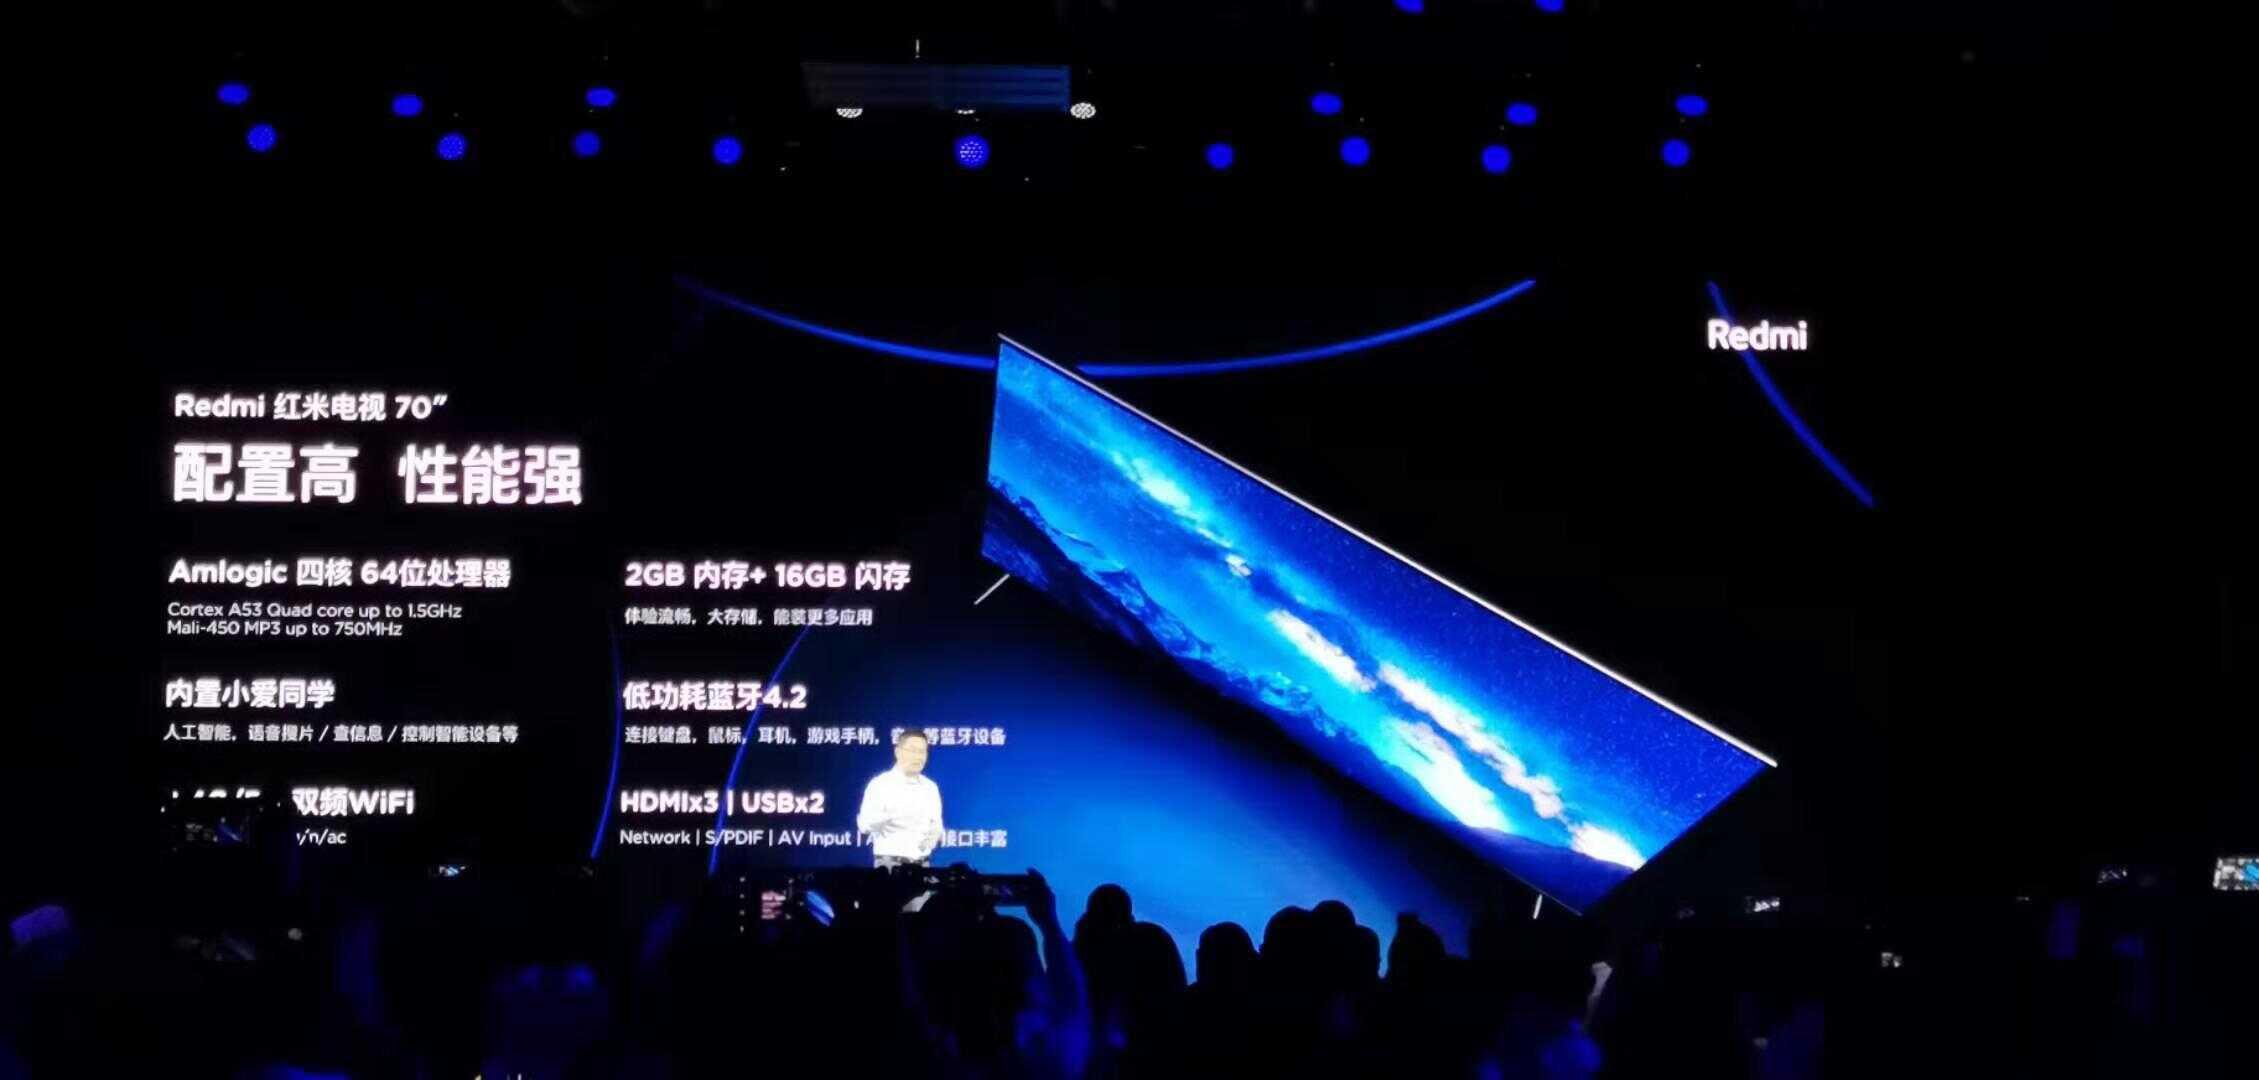 红米首发 6400 万像素四摄 Note8 Pro 售价 1399 元起